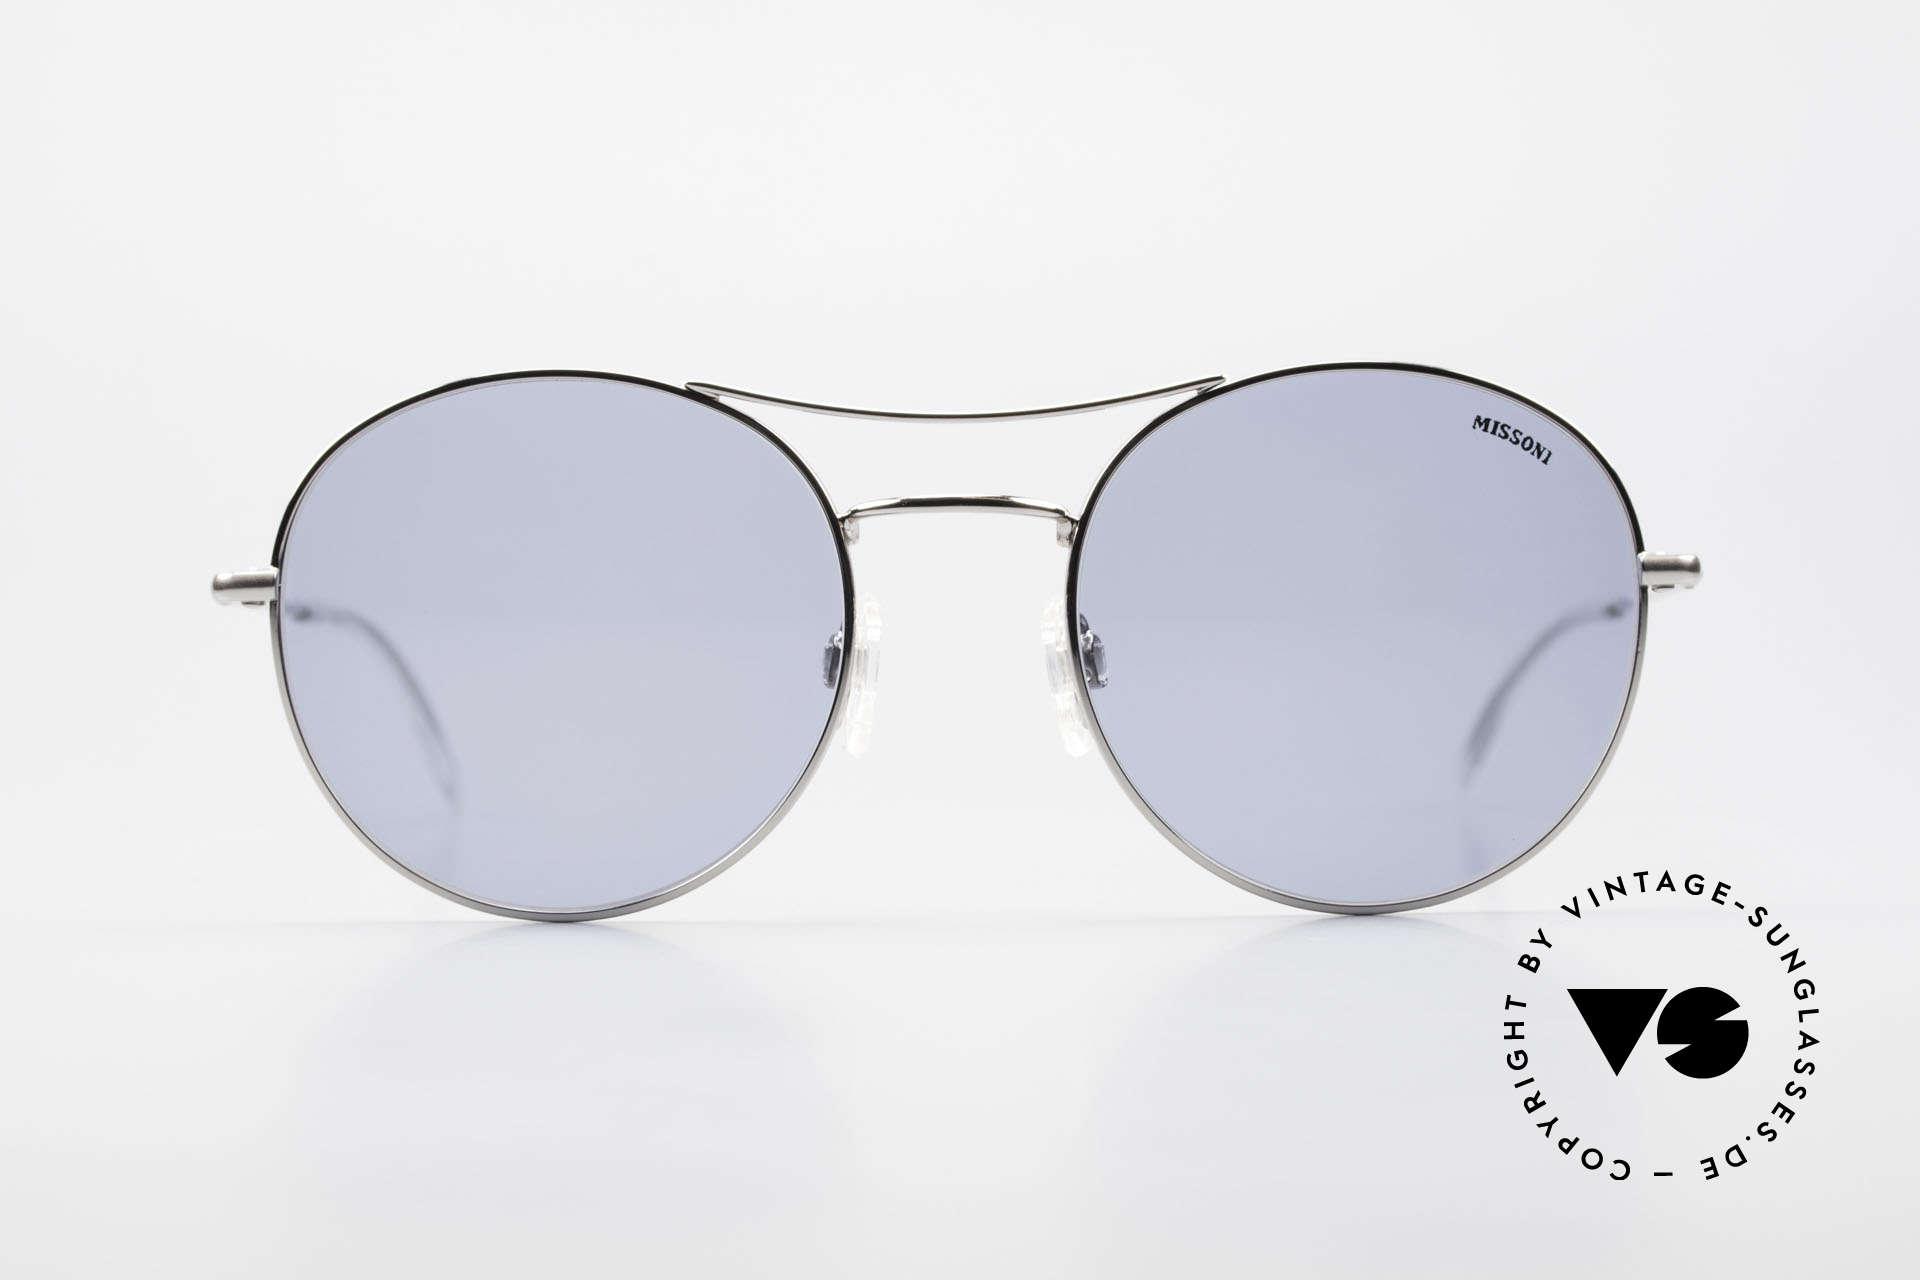 Missoni 0439 Round Aviator 90's Sunglasses, extraordinary 90's round aviator sunglasses, unisex, Made for Men and Women